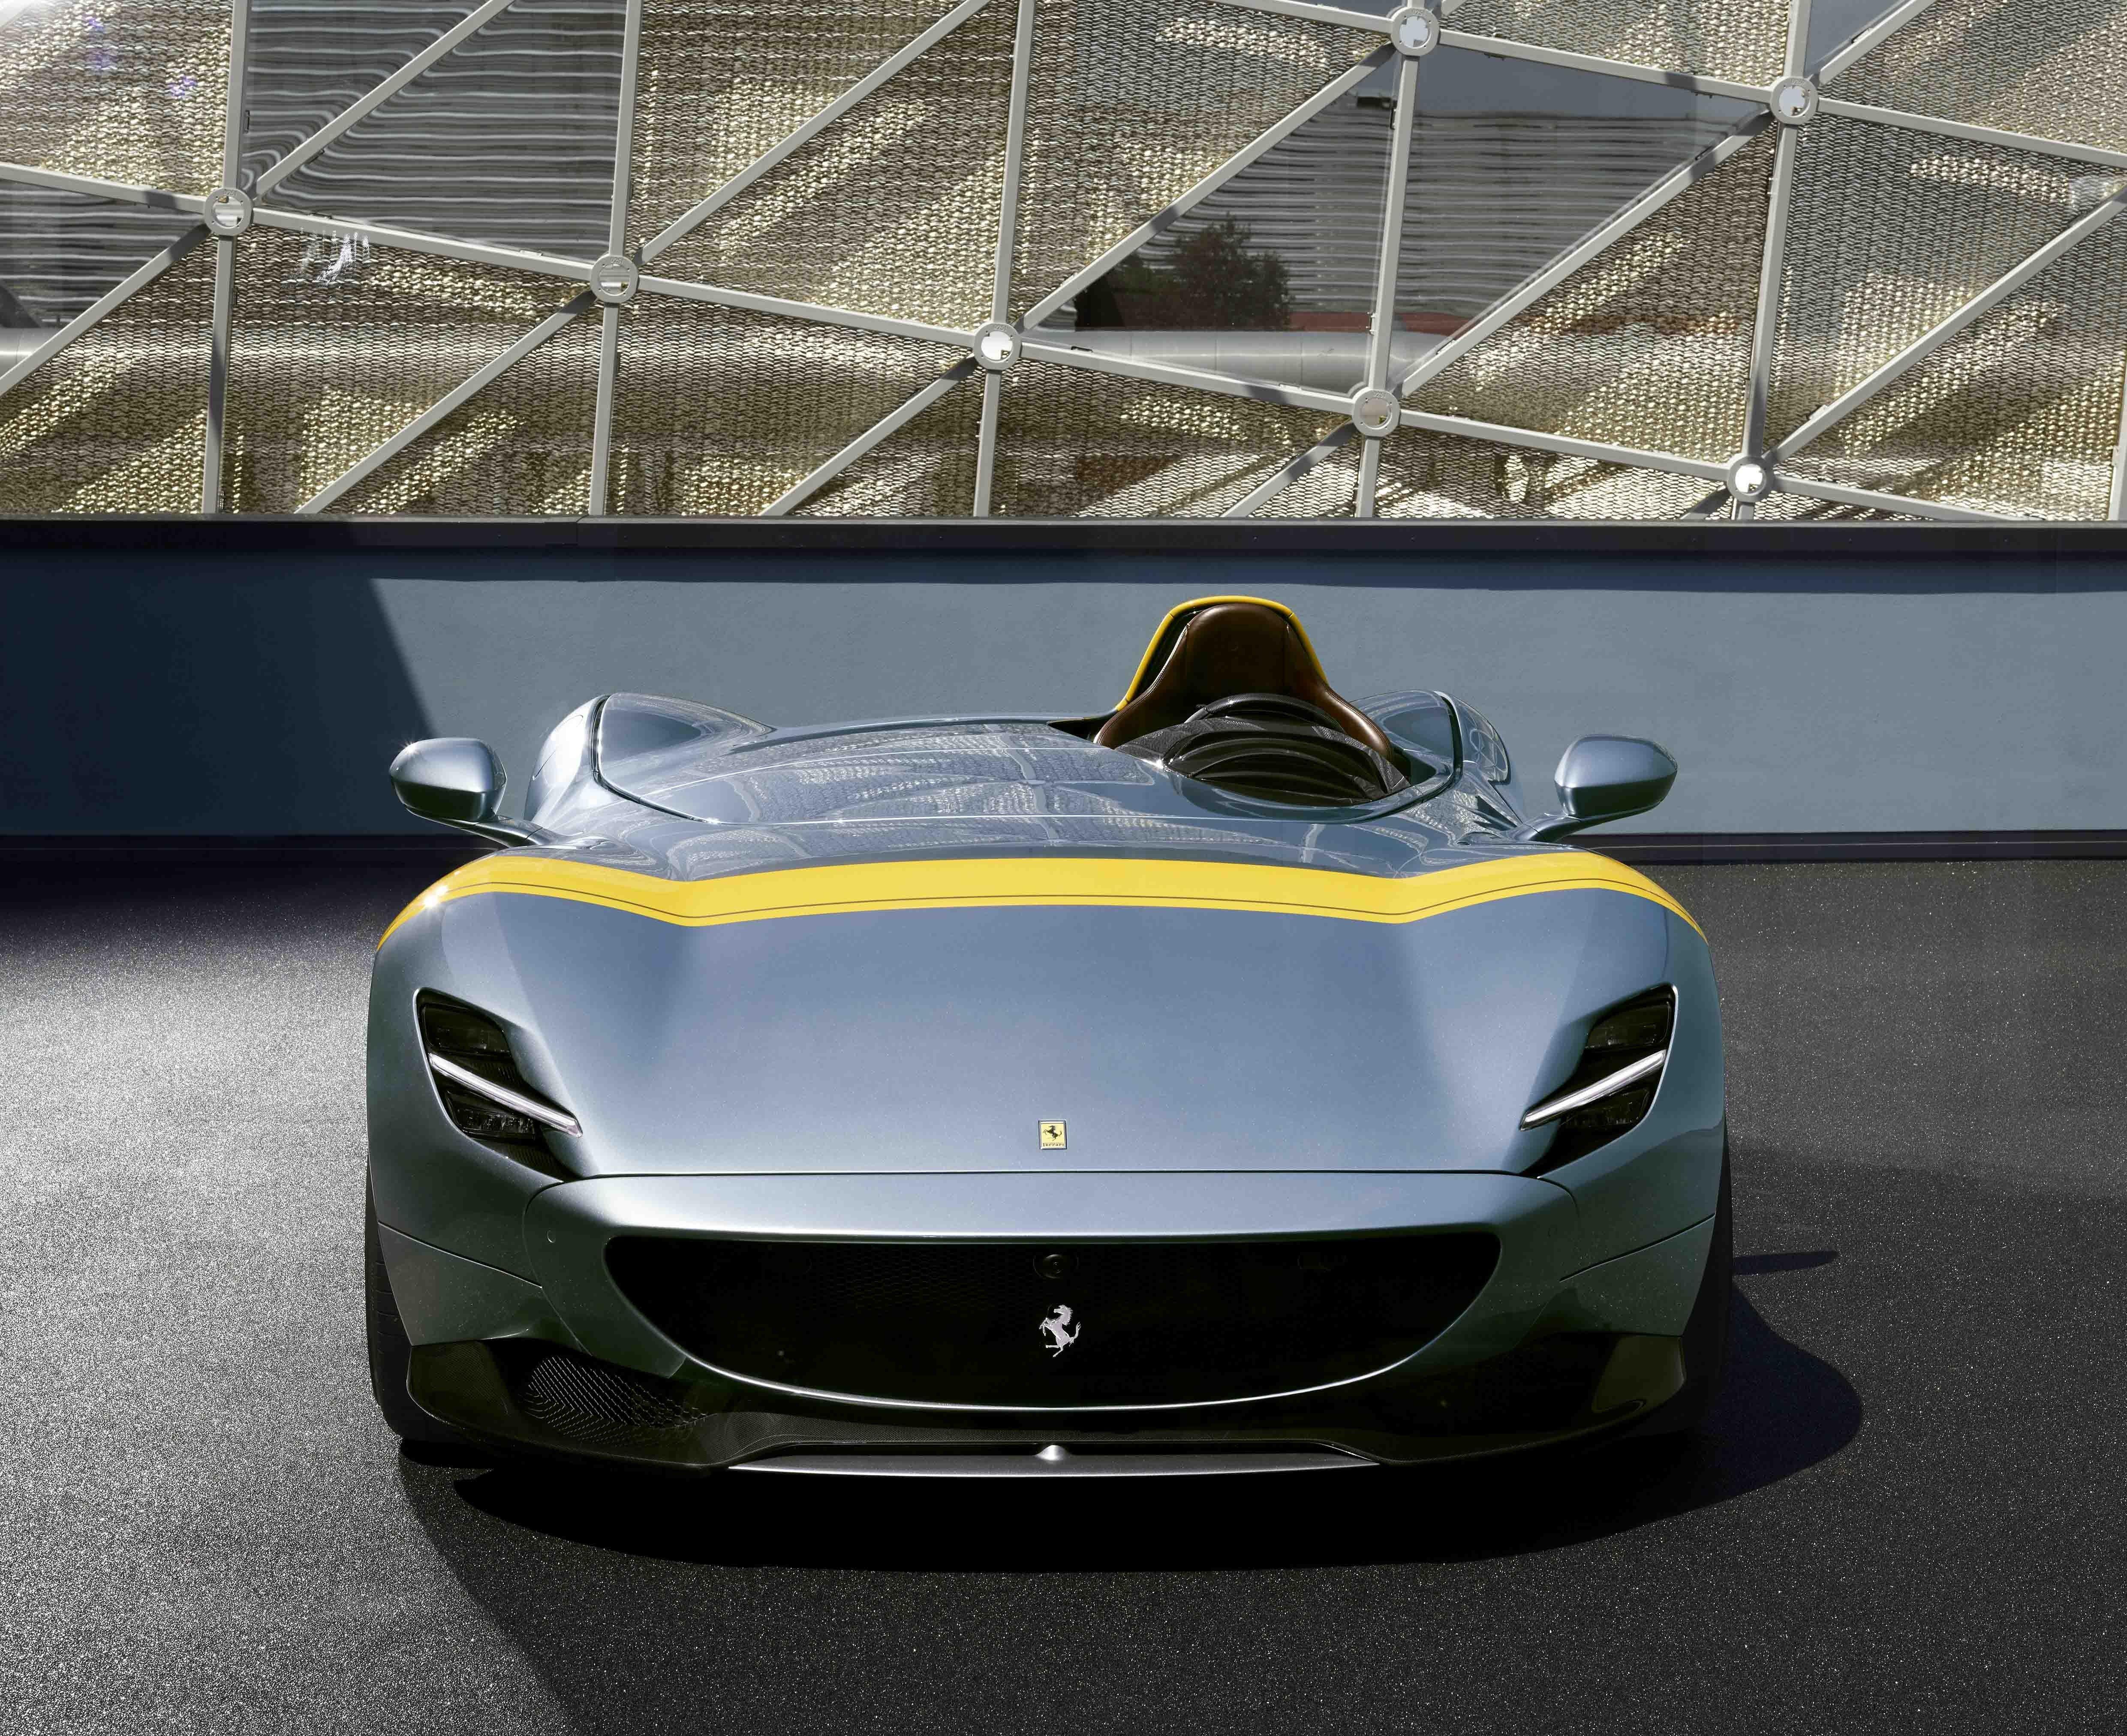 Will Ferrari S F1 Monza Supercar Help Beat Lamborghini And Aston